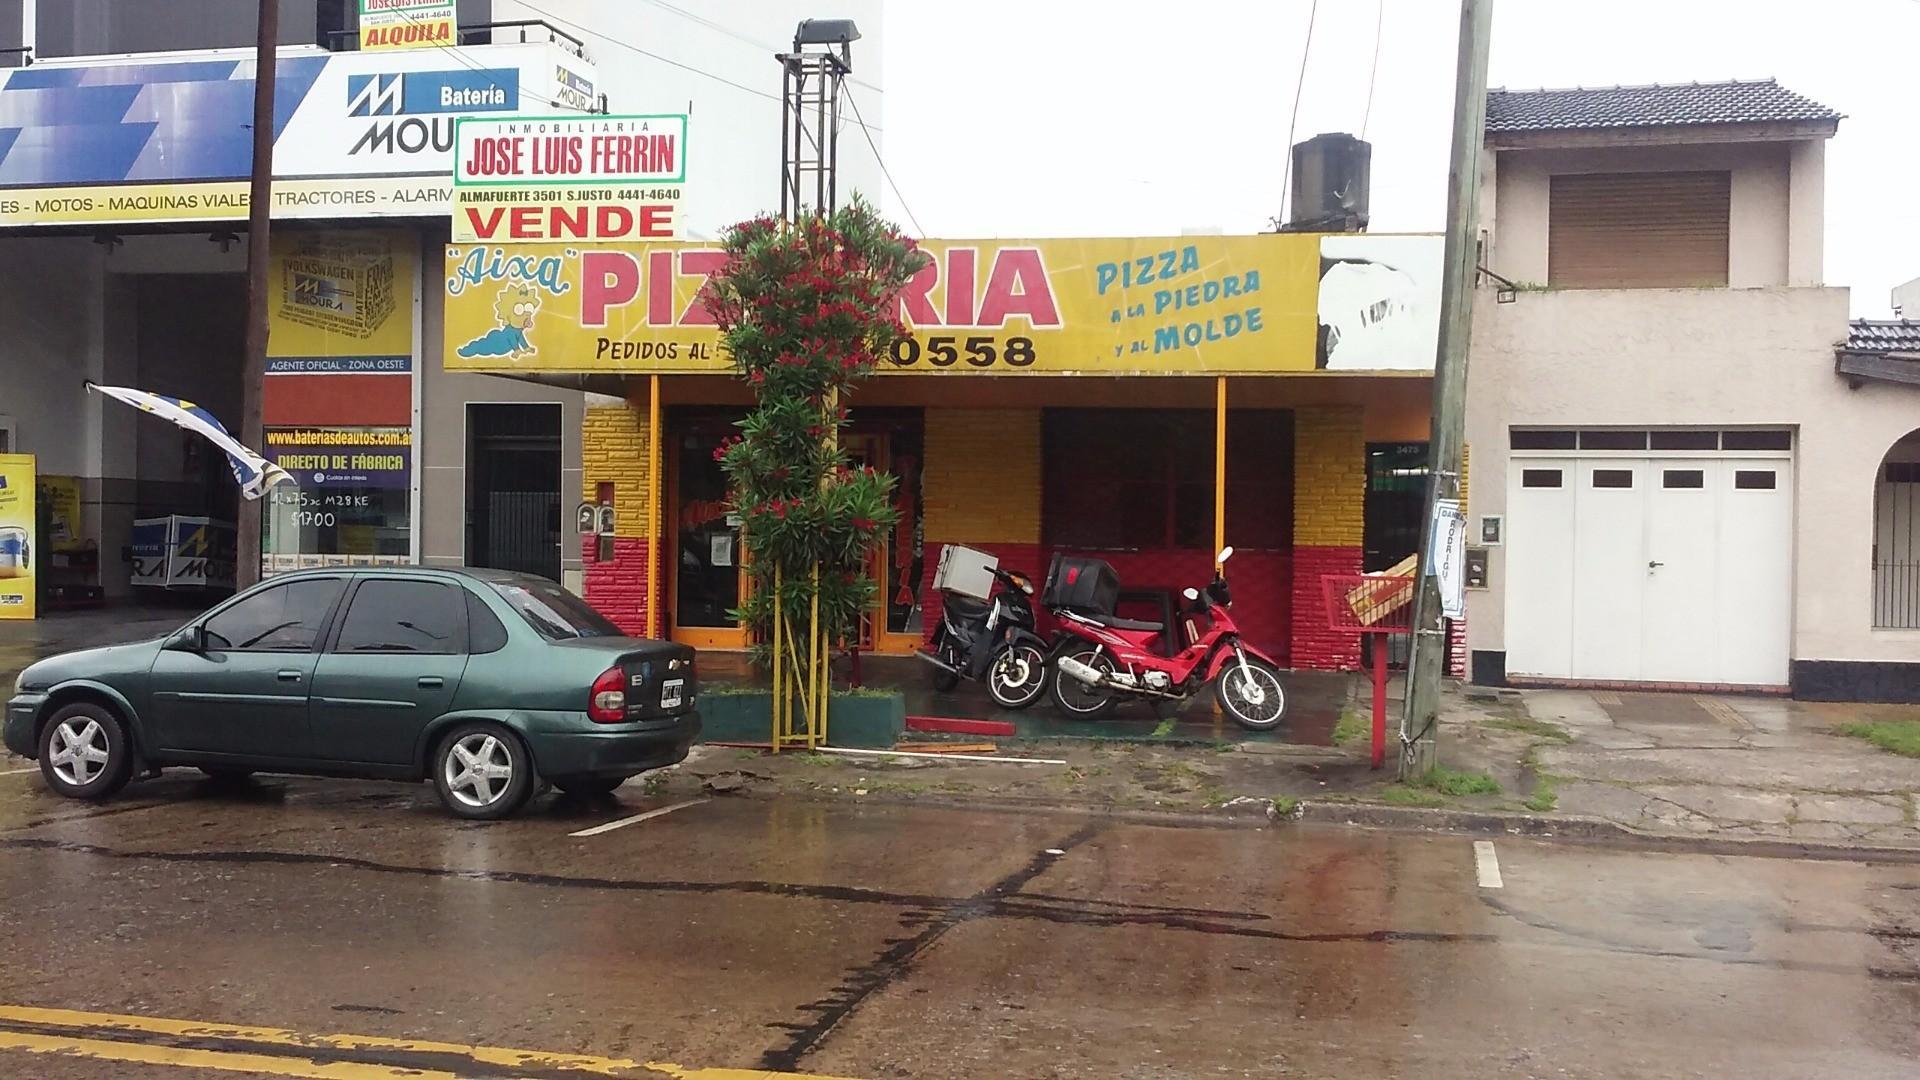 Casa + Local en venta San Justo